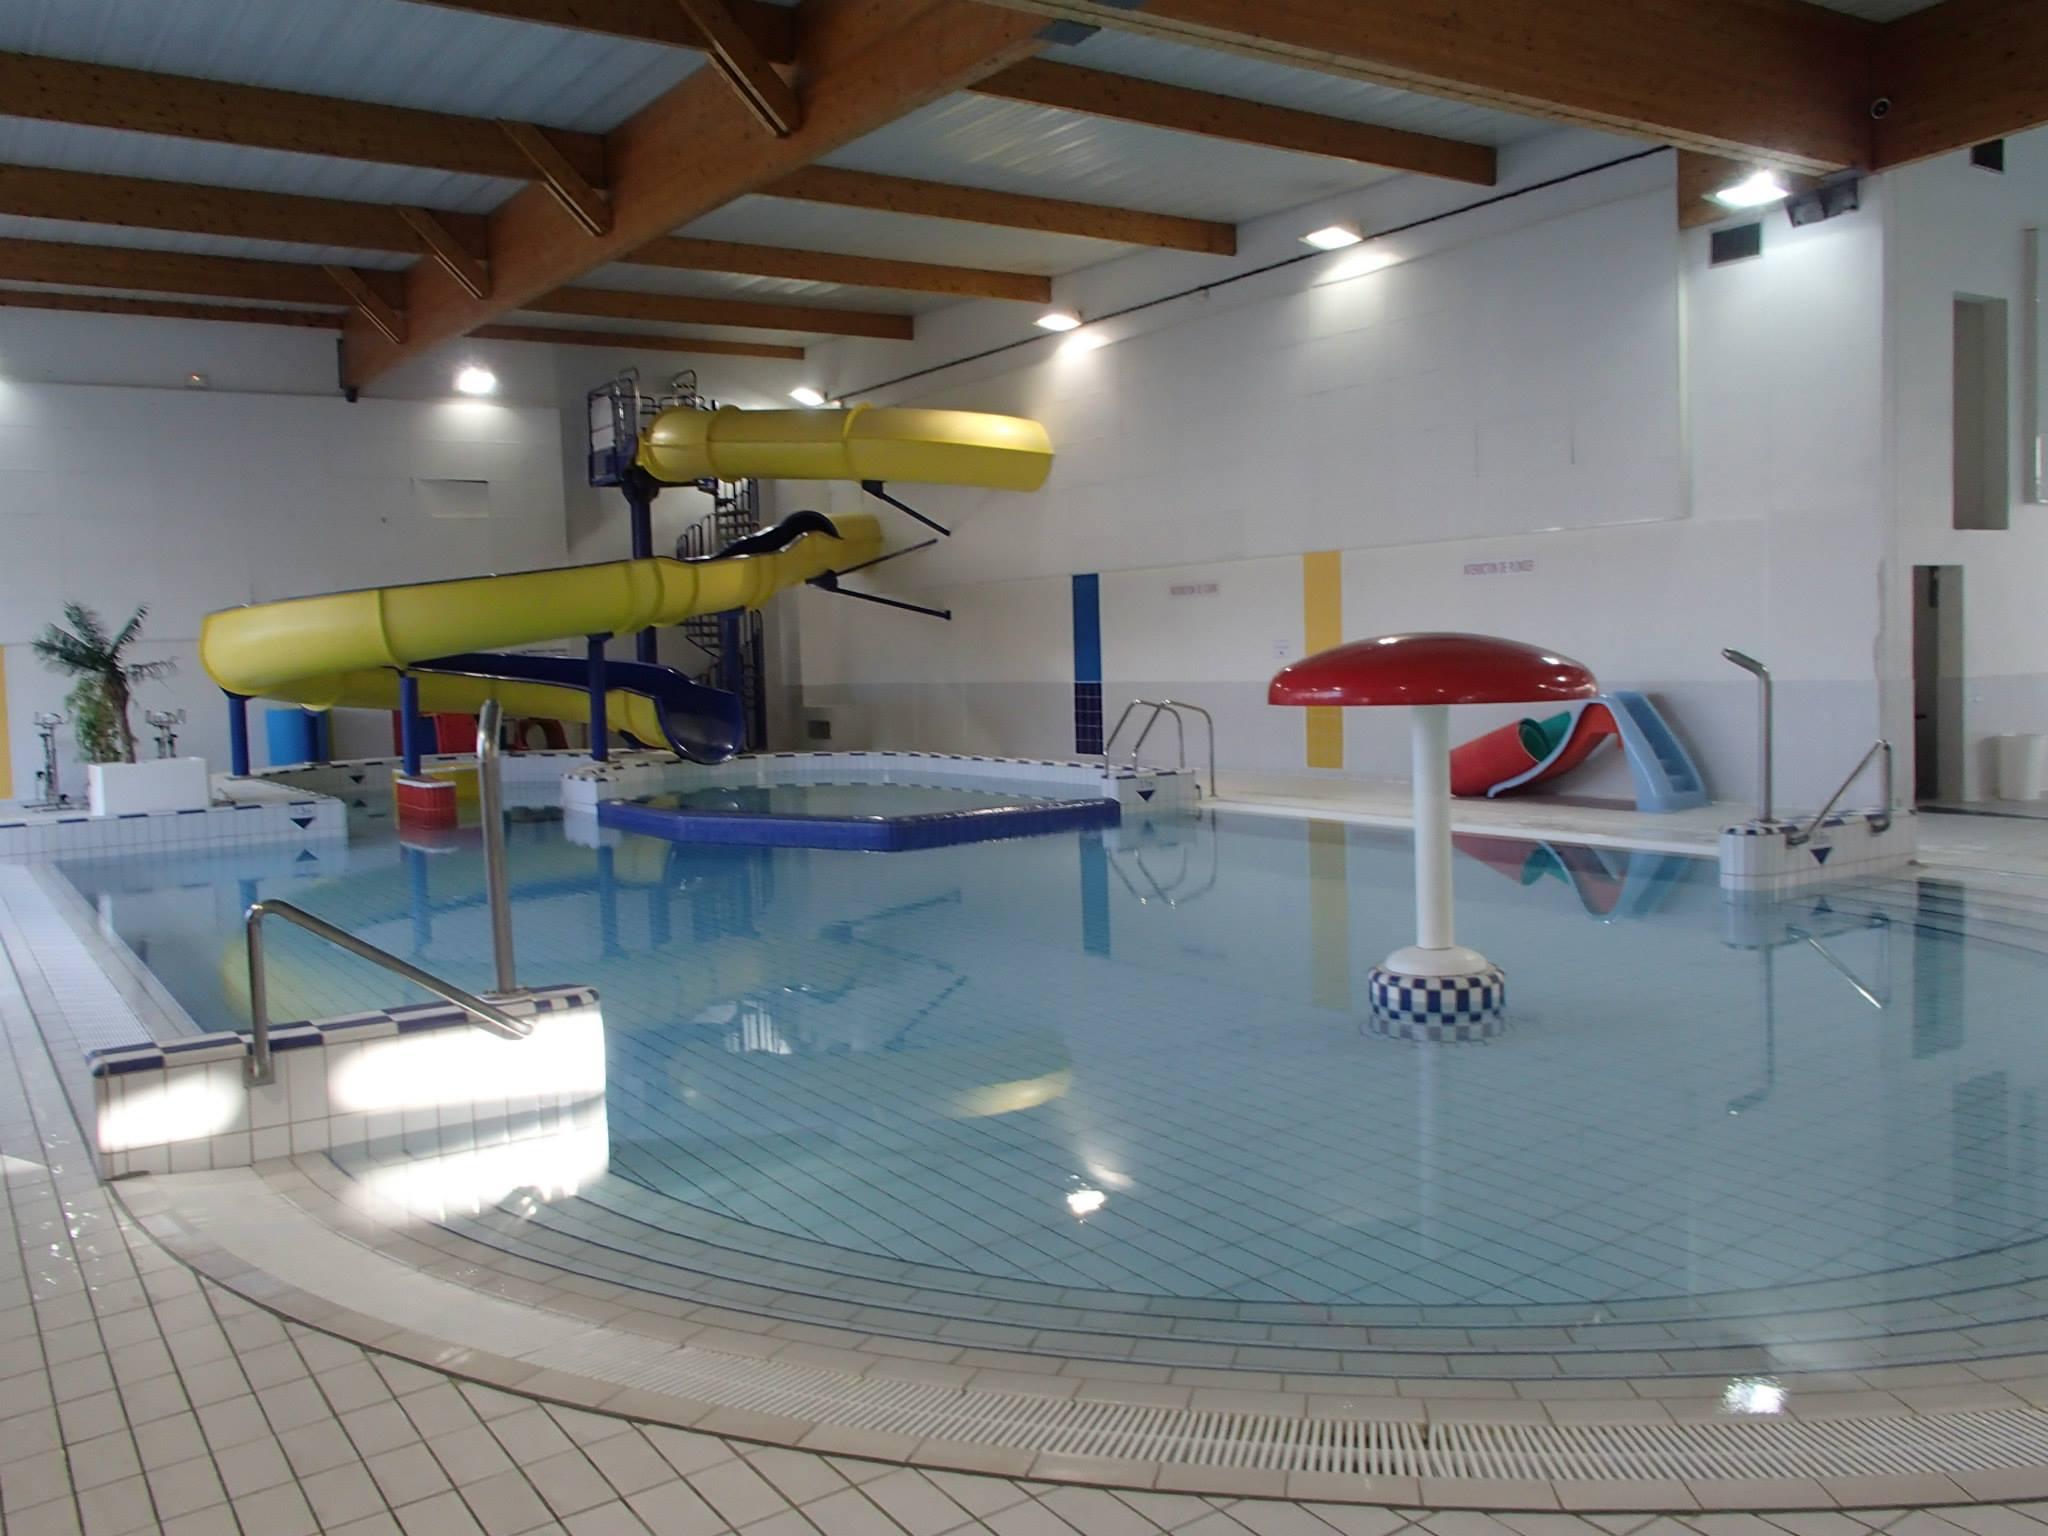 Centre Aquatique De Bois Colombes Bois Colombes 30 42 Rue Jean